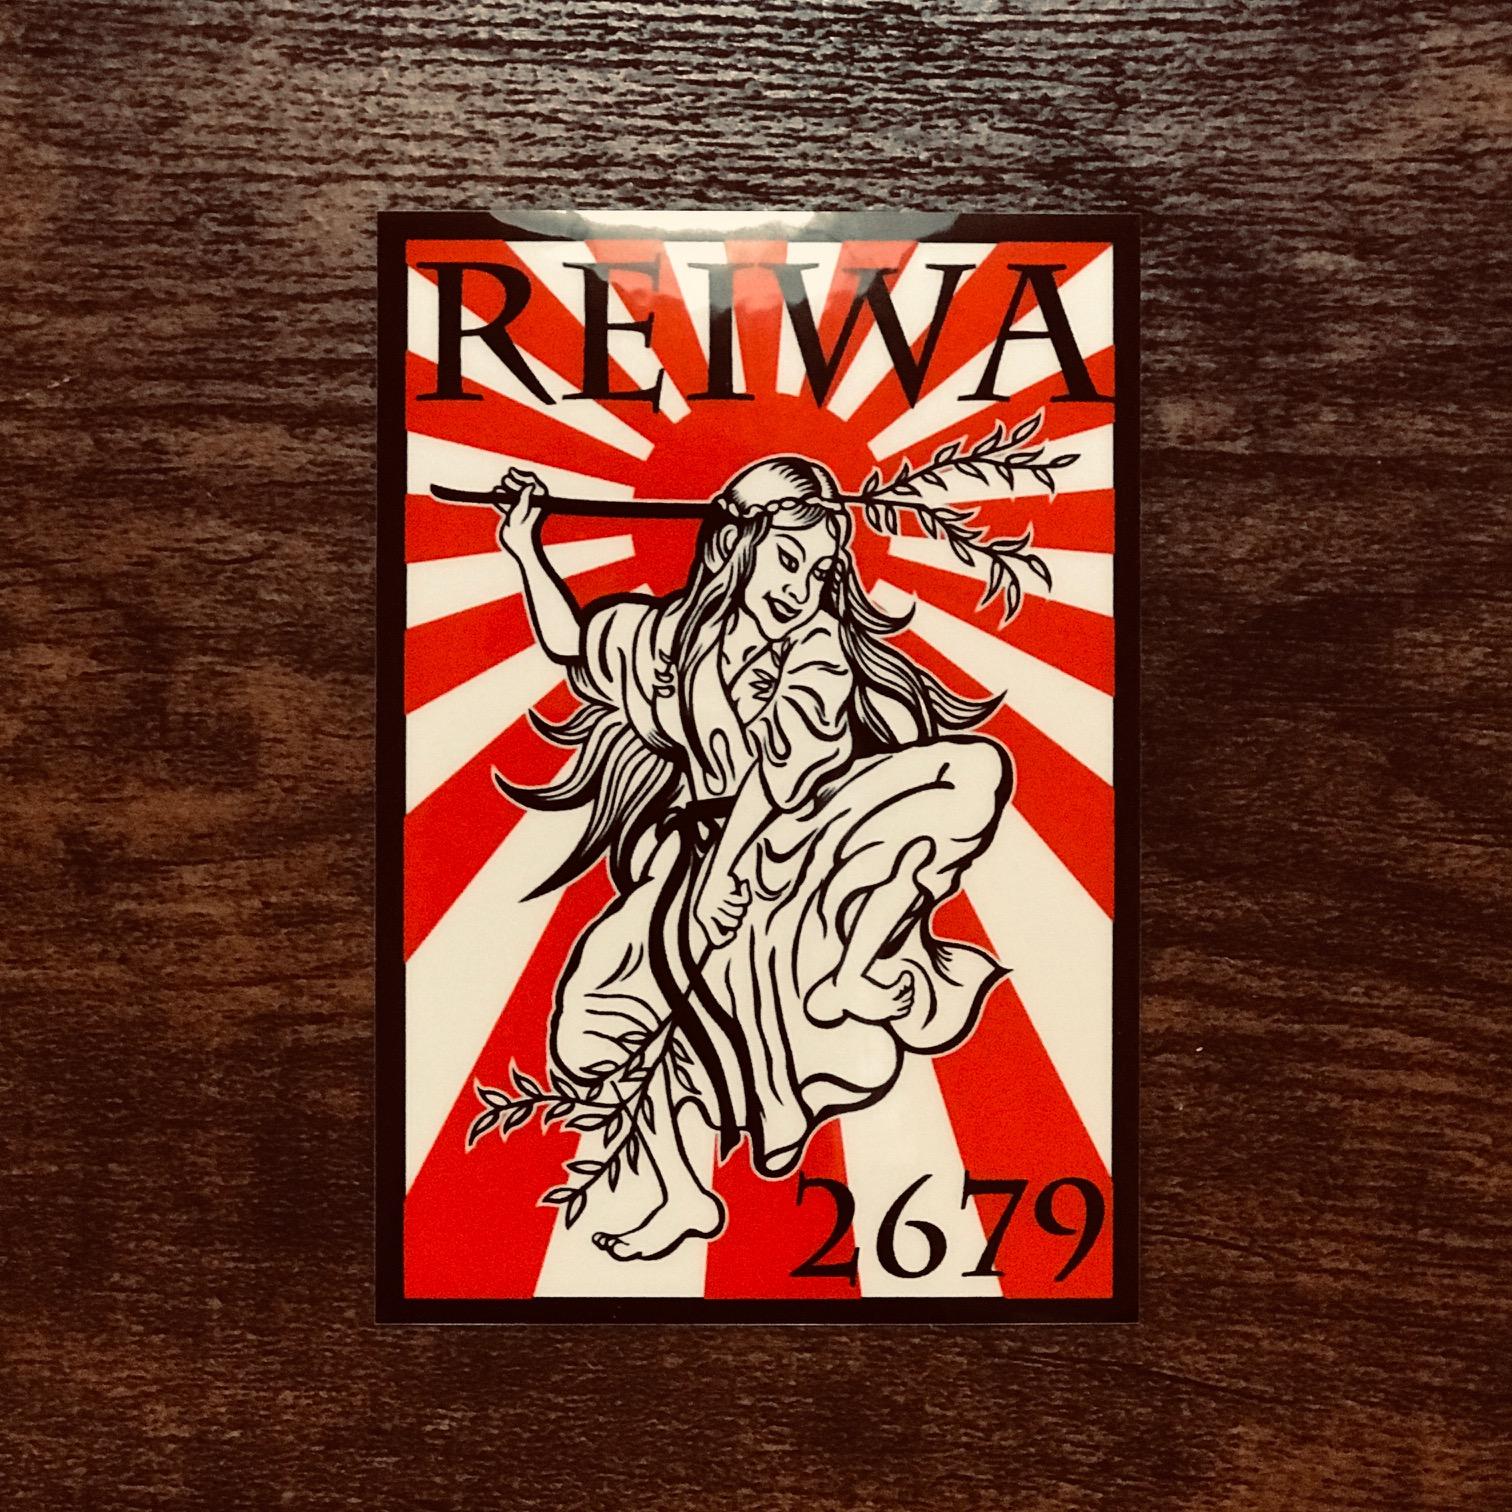 REIWAステッカー